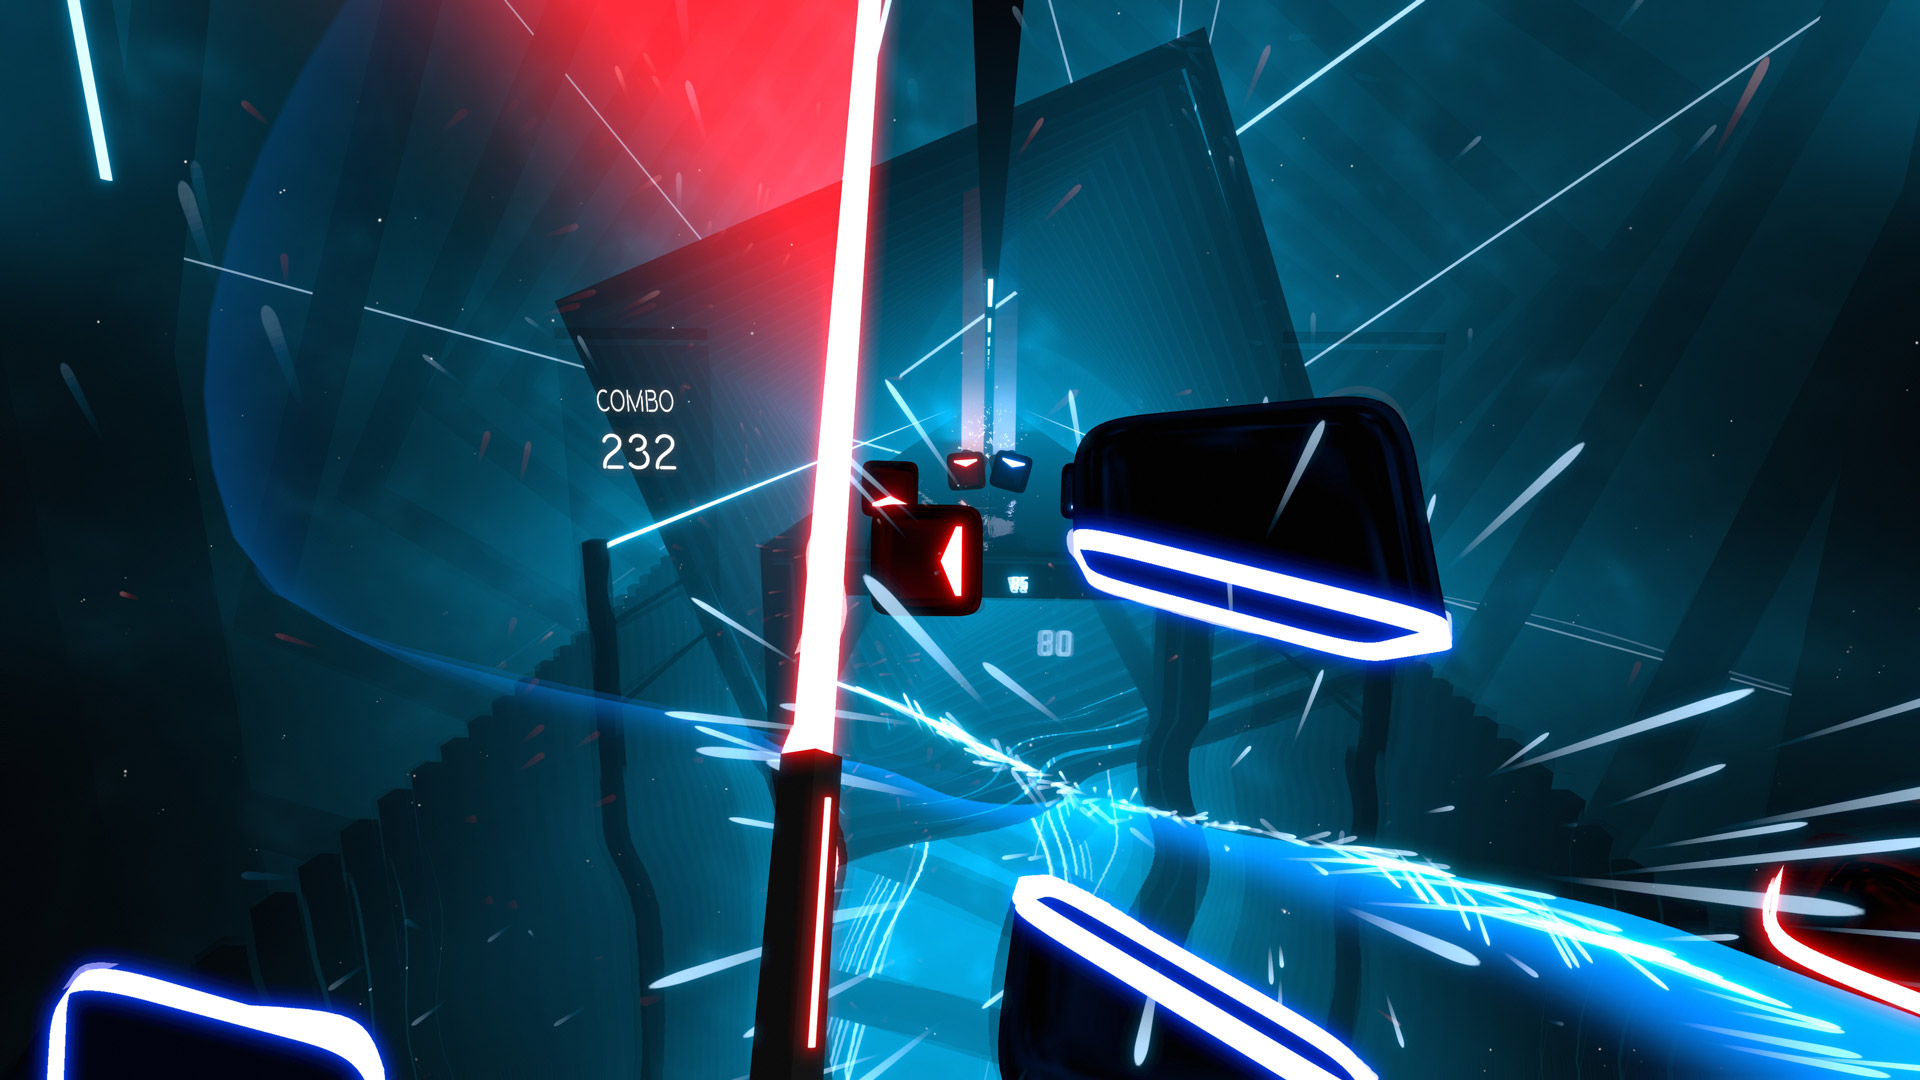 beat saber 2 - Beat Saber VR Has Got New 360 Degree Mode - Watch Video